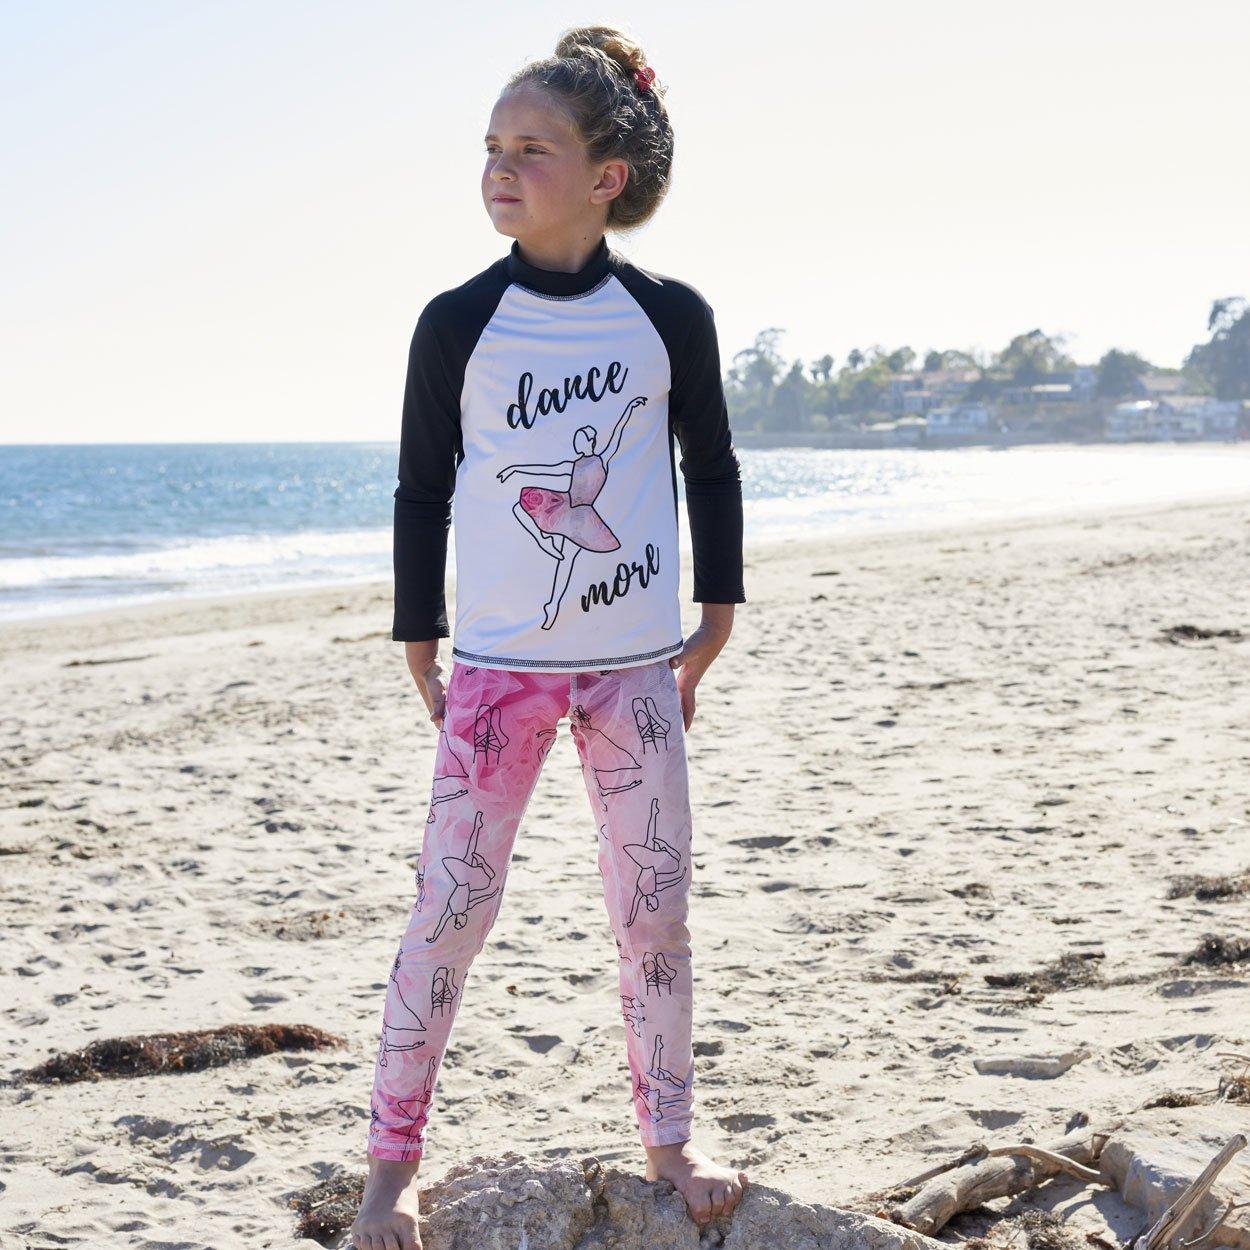 Ballerina Kids Hybrid Leggings UPF 50+